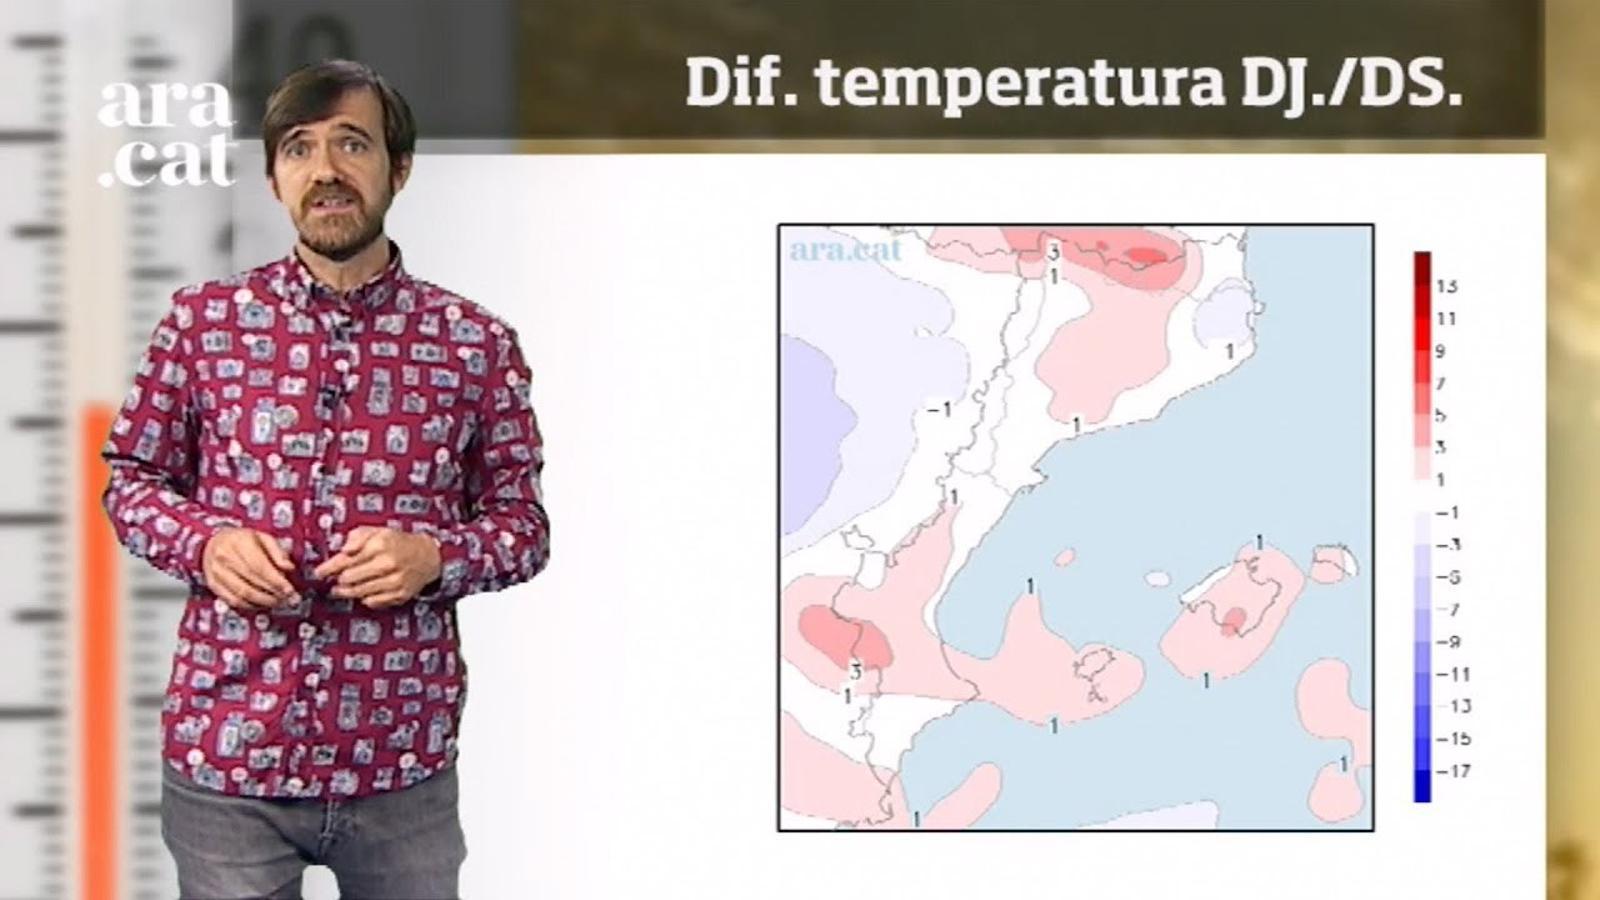 La méteo en 1 minut: calor d'estiu i gotes de fang